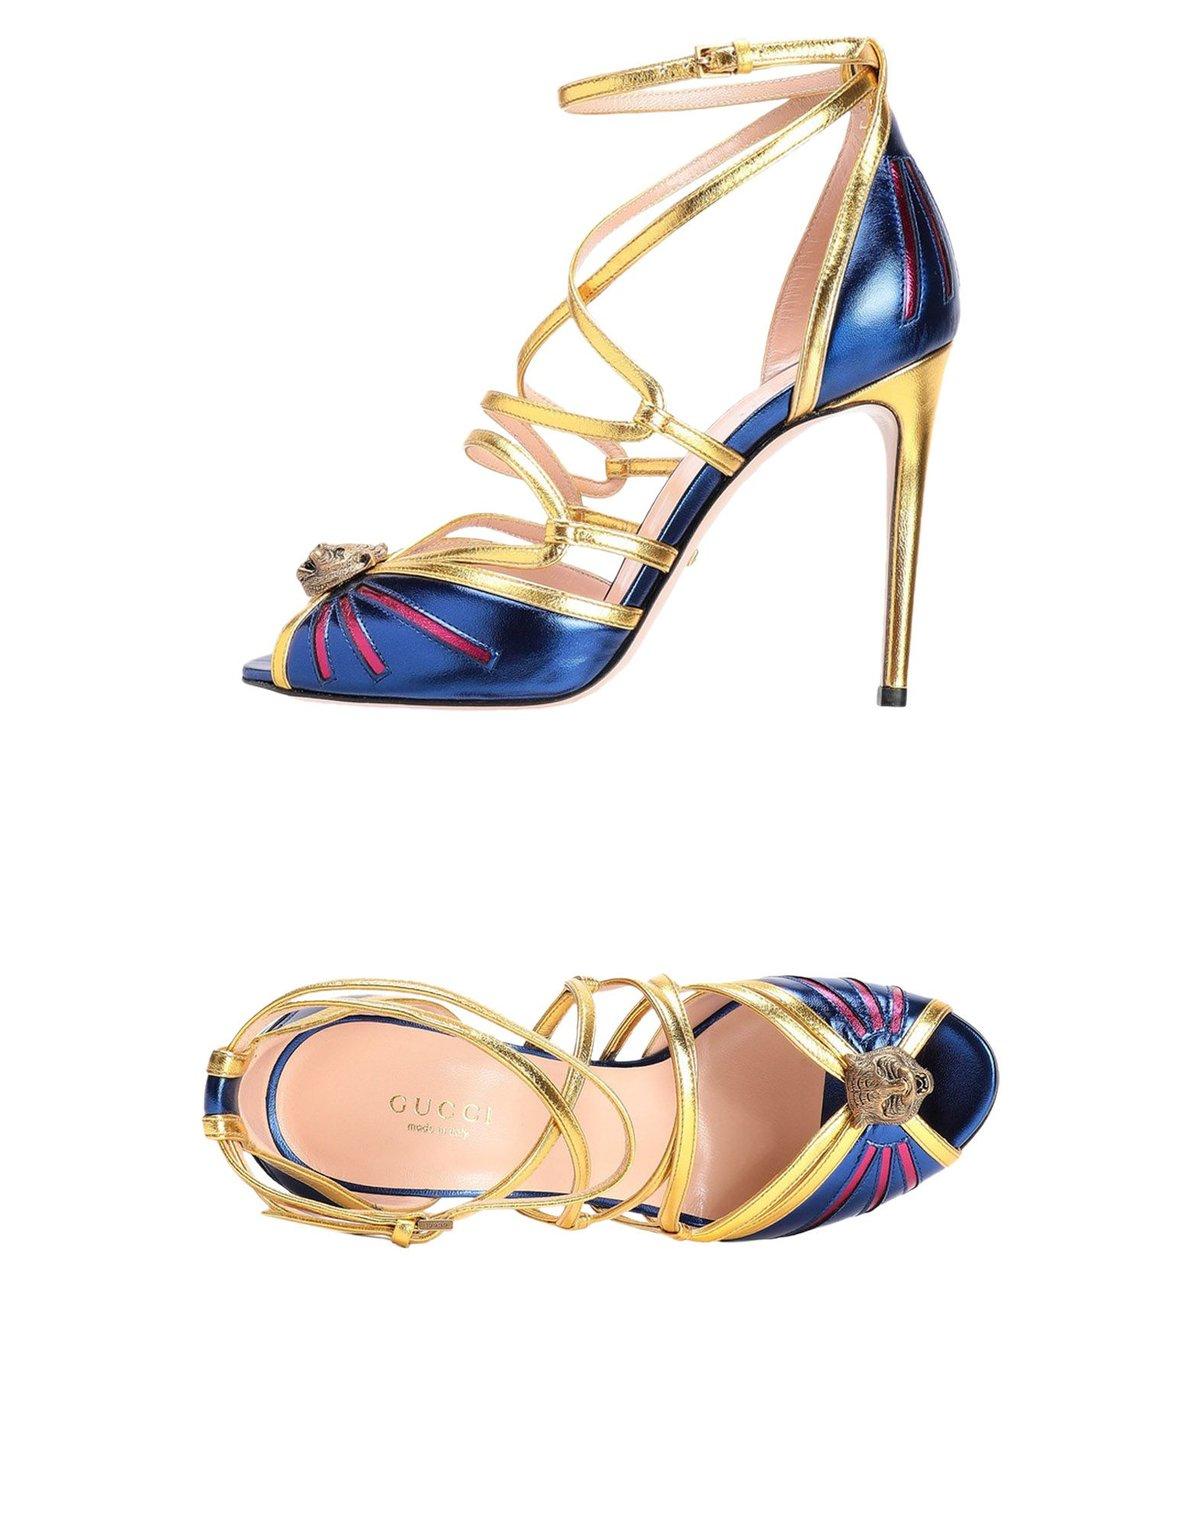 5f6d86b7dbb9 Ботинки зимние Gucci женские. Купить женские ботинки от 3 тг в интернет- магазине !